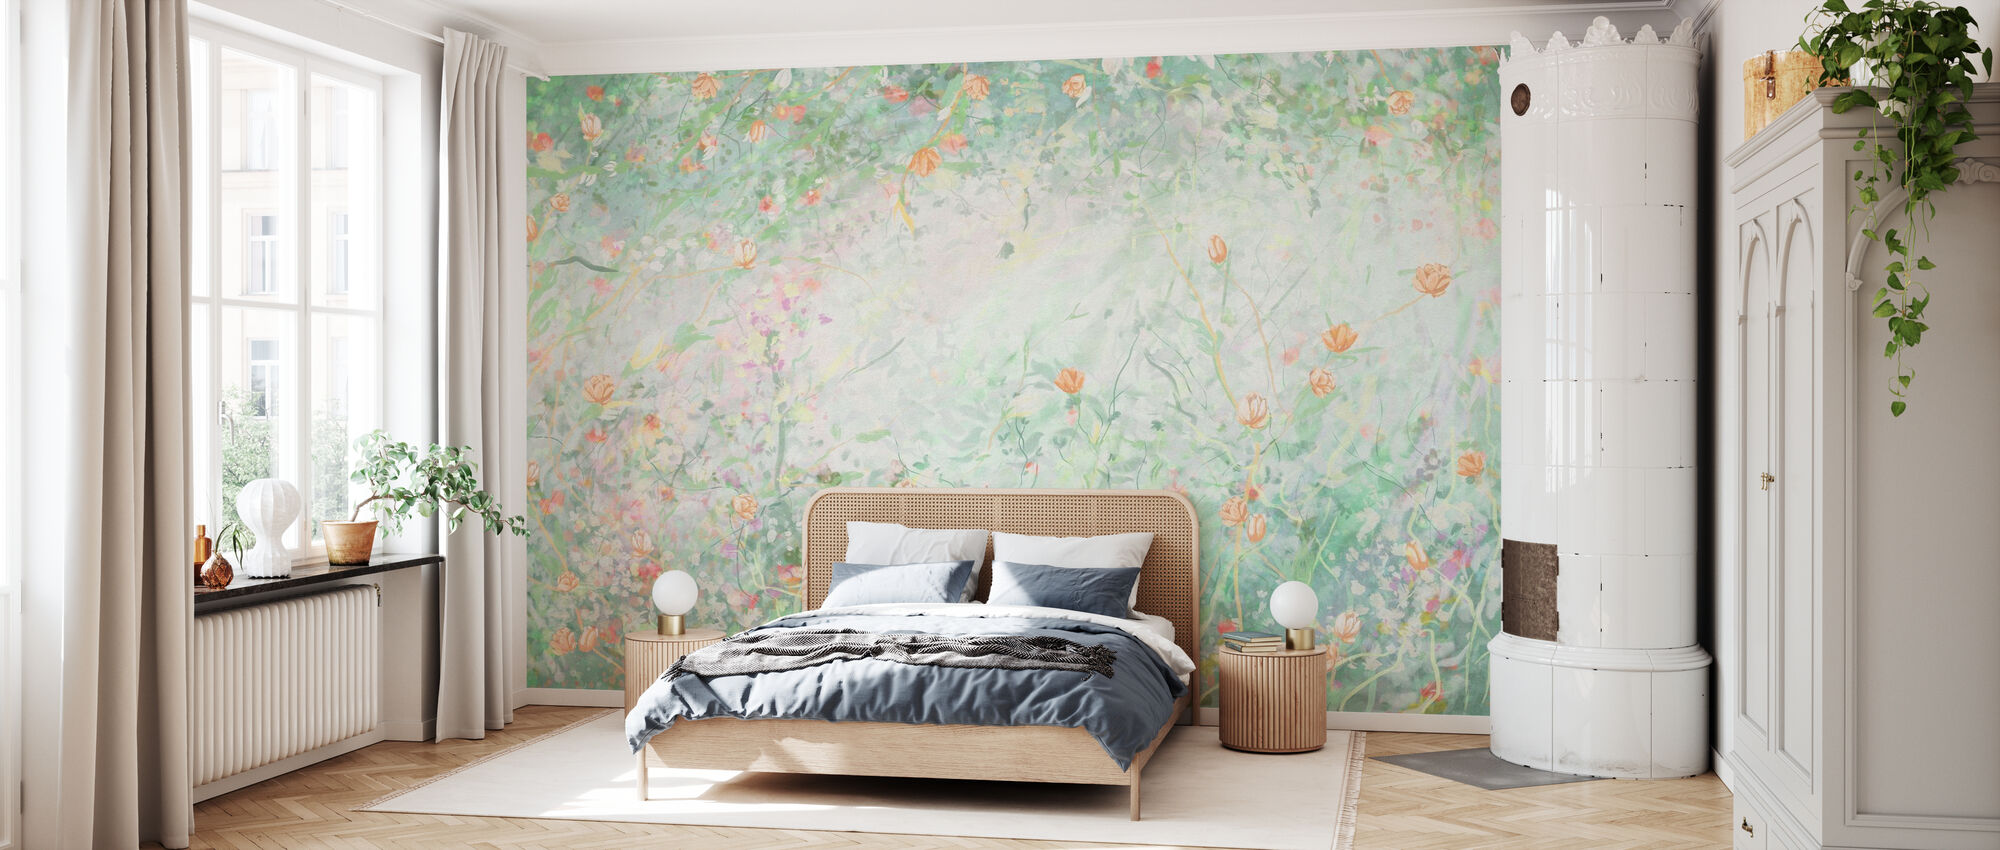 Gentle Flowers - Hellgrün - Tapete - Schlafzimmer